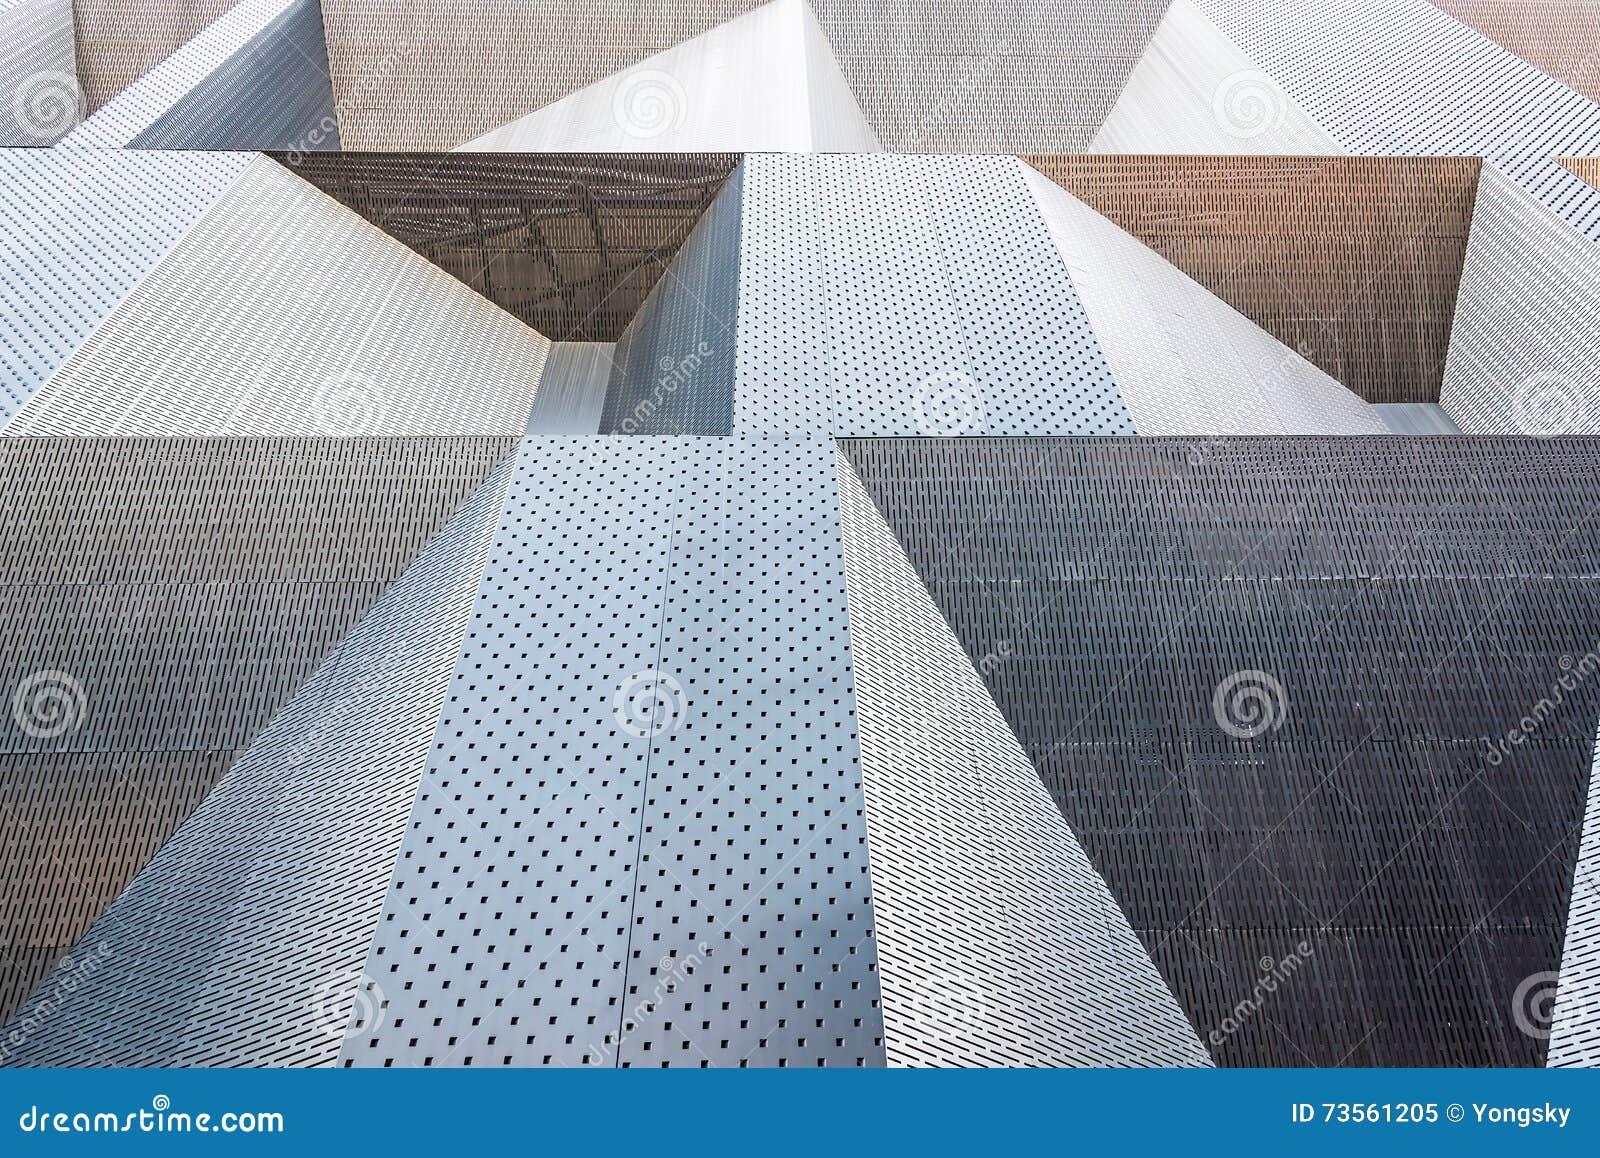 Las paredes externas del sentido simple metálico